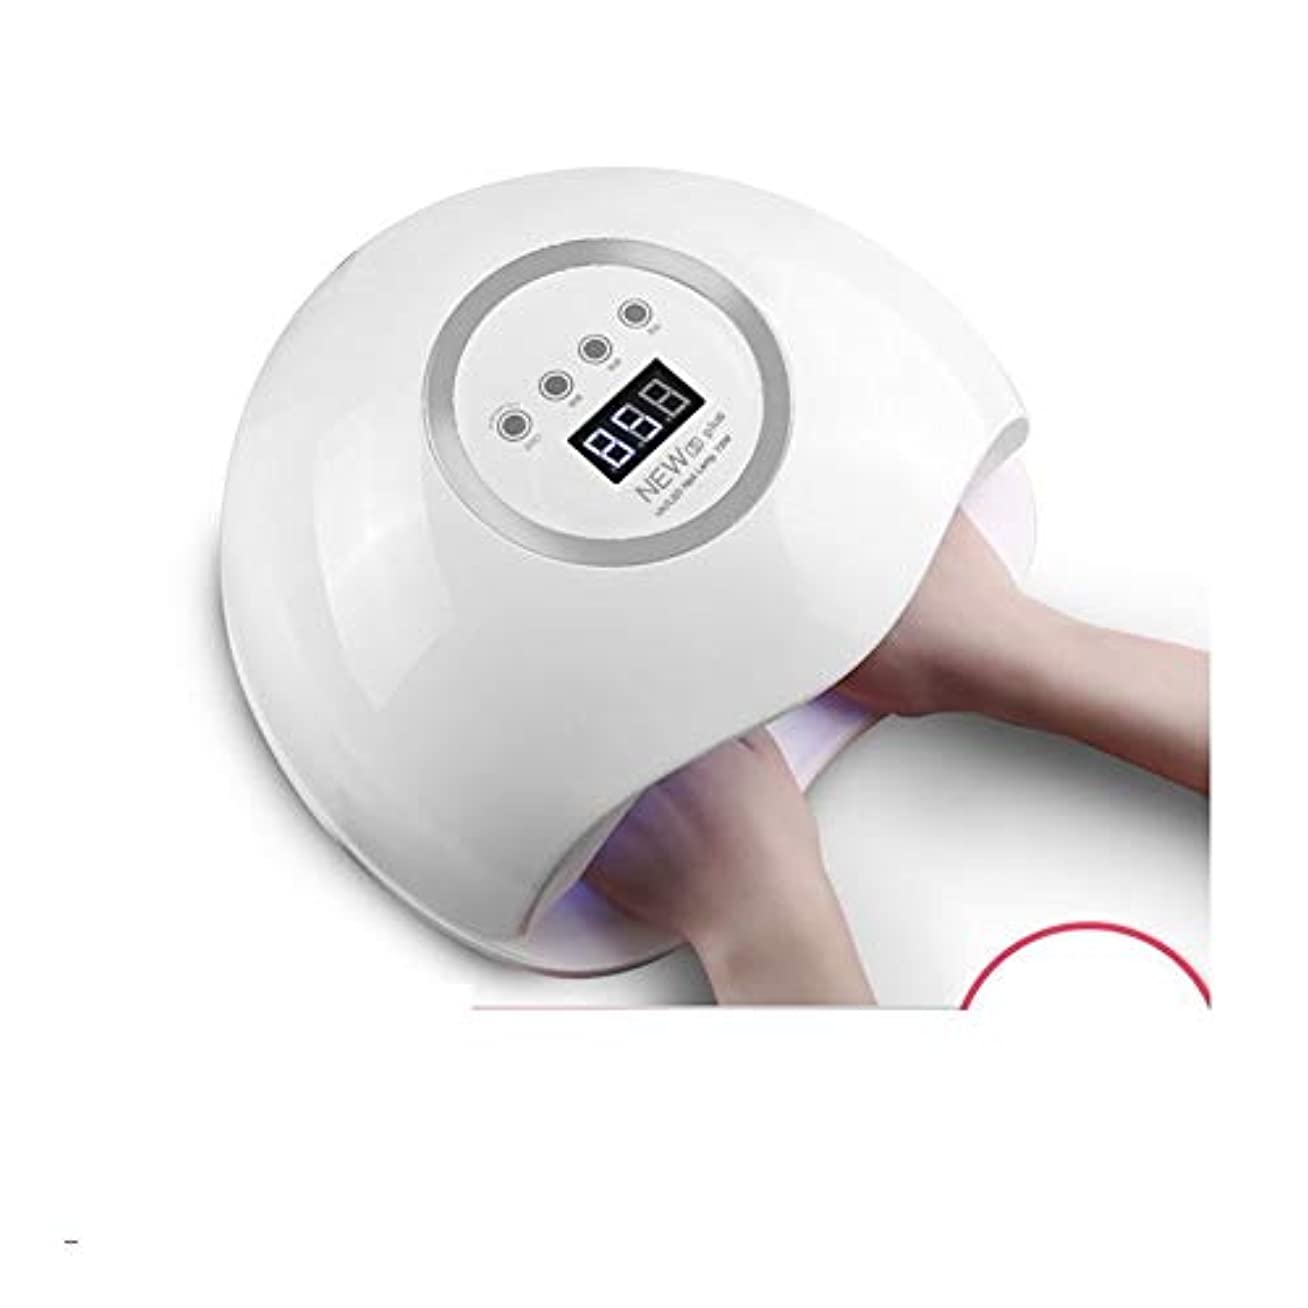 立ち寄る普及エンジニアLittleCat 速乾性ネイルUVドライヤーの熱ランプLEDネイル無痛インテリジェントセンサー太陽灯 (色 : European standard circular plug)